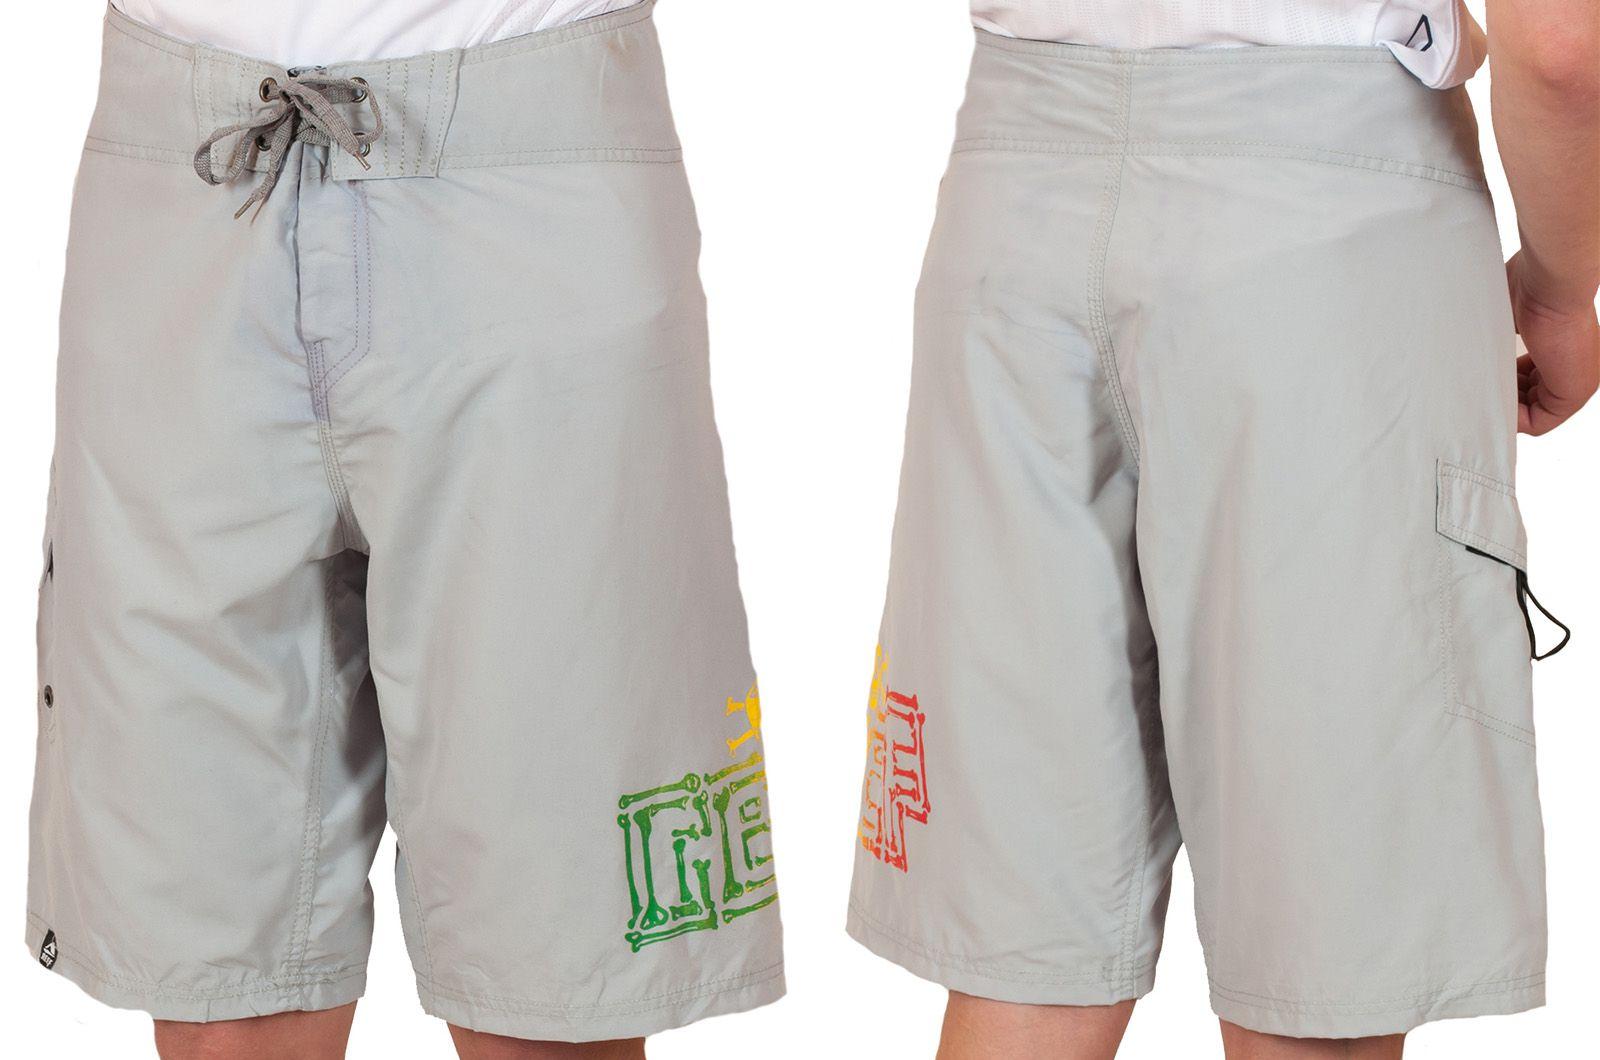 Легкие шорты Reef для подростков - общий вид